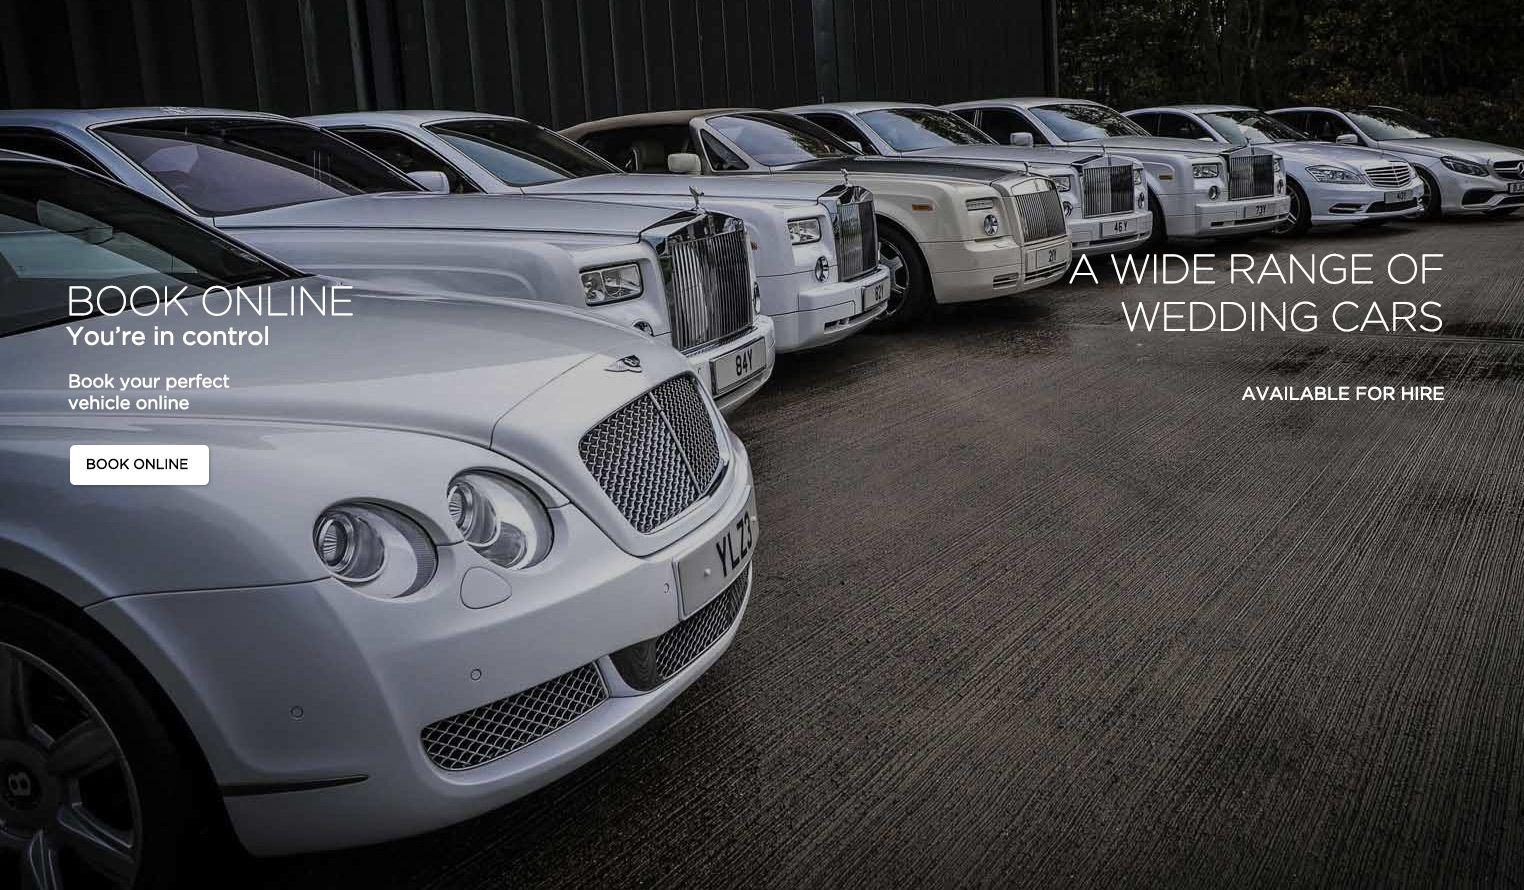 Tuk Tuk Hire Limobroker Co Uk Wedding Car Hire Cars Uk Car Hire